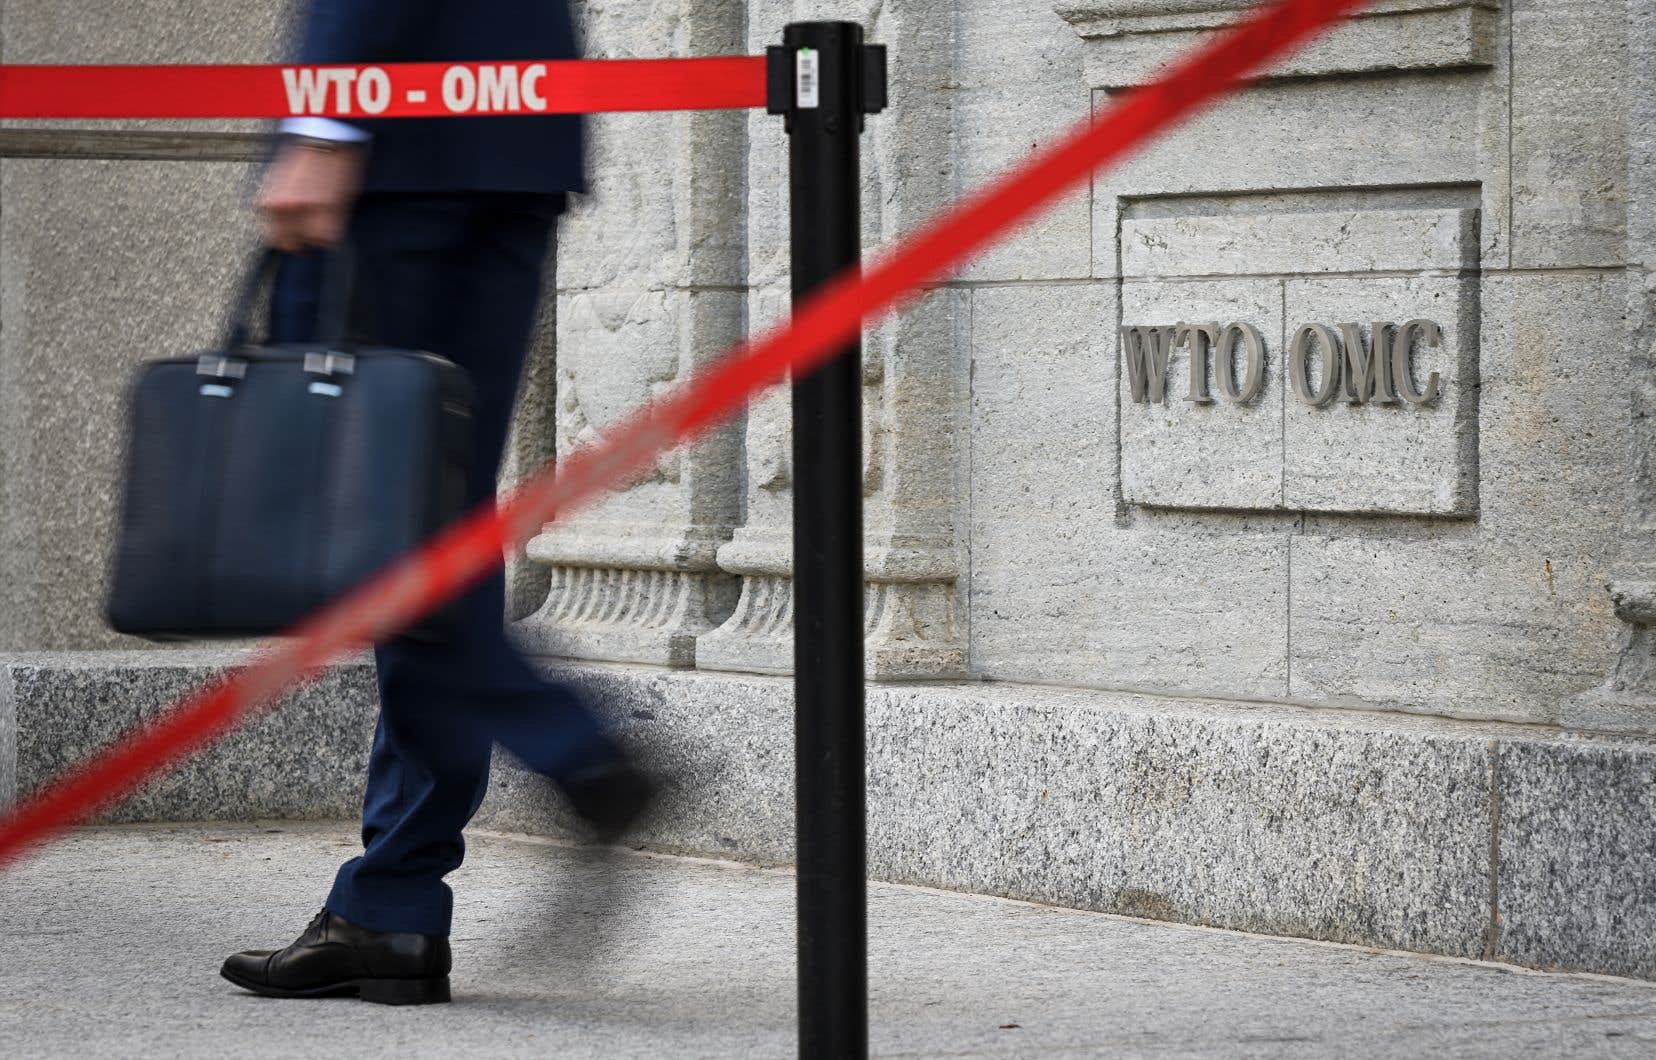 Outre les États-Unis, le tribunal d'appel parallèle compte comme grands absents parmi les 164 membres de l'OMC, entre autres, le Japon, l'Inde, la Russie, ainsi que toute l'Afrique.